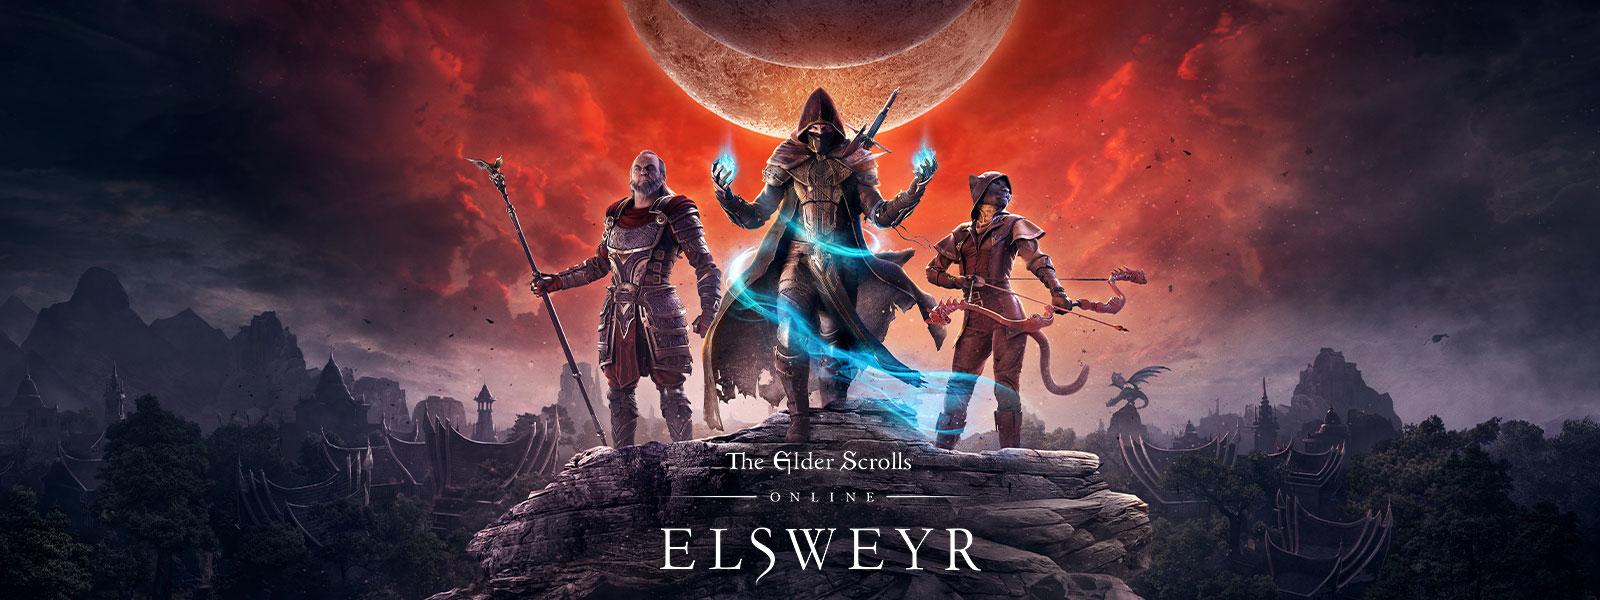 The Elder Scrolls Online: Logo Elsweyr, trois personnages sur un rocher posant avec deux lunes et une lumière rouge en arrière-plan